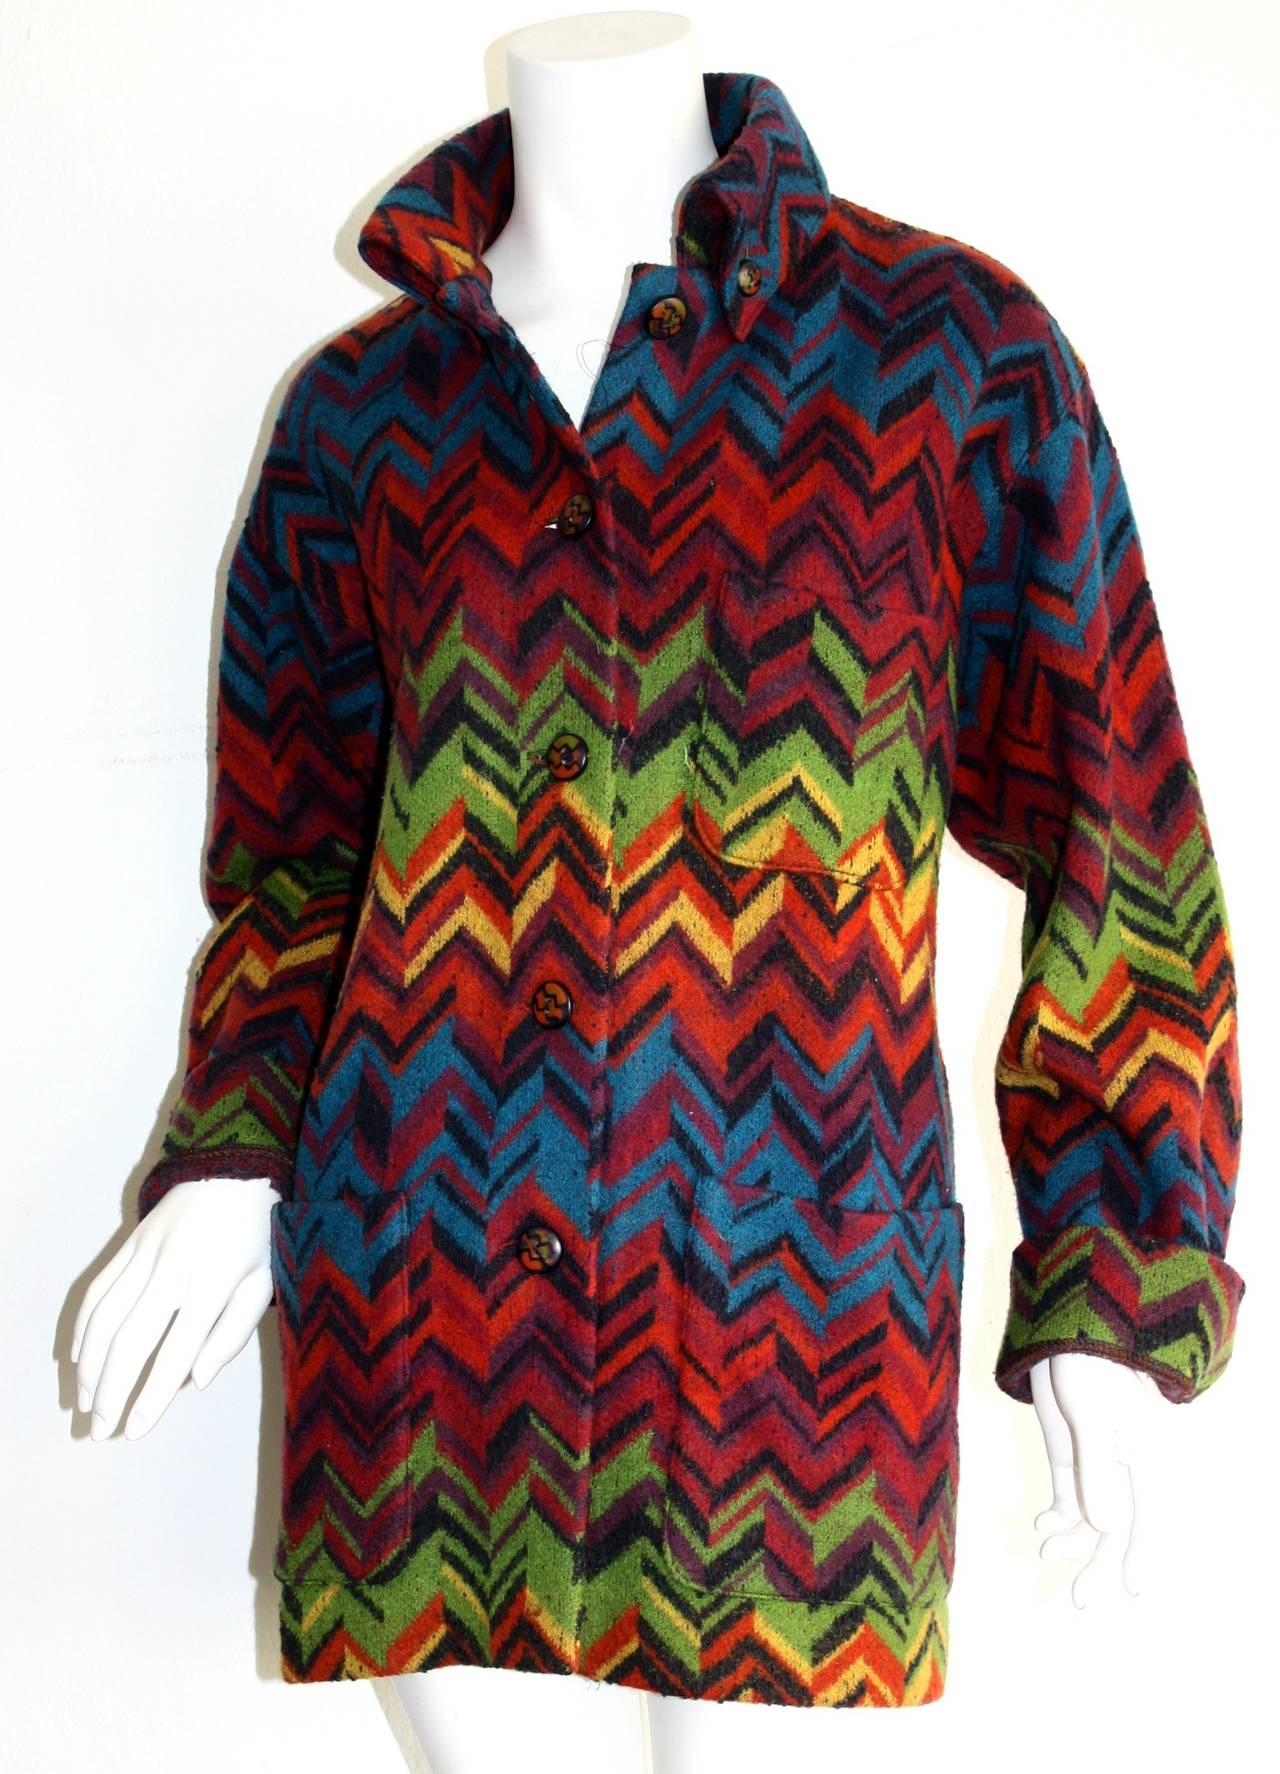 Black Amazing Vintage Missoni Signature Colorful Chevron Slouchy Blanket Jacket